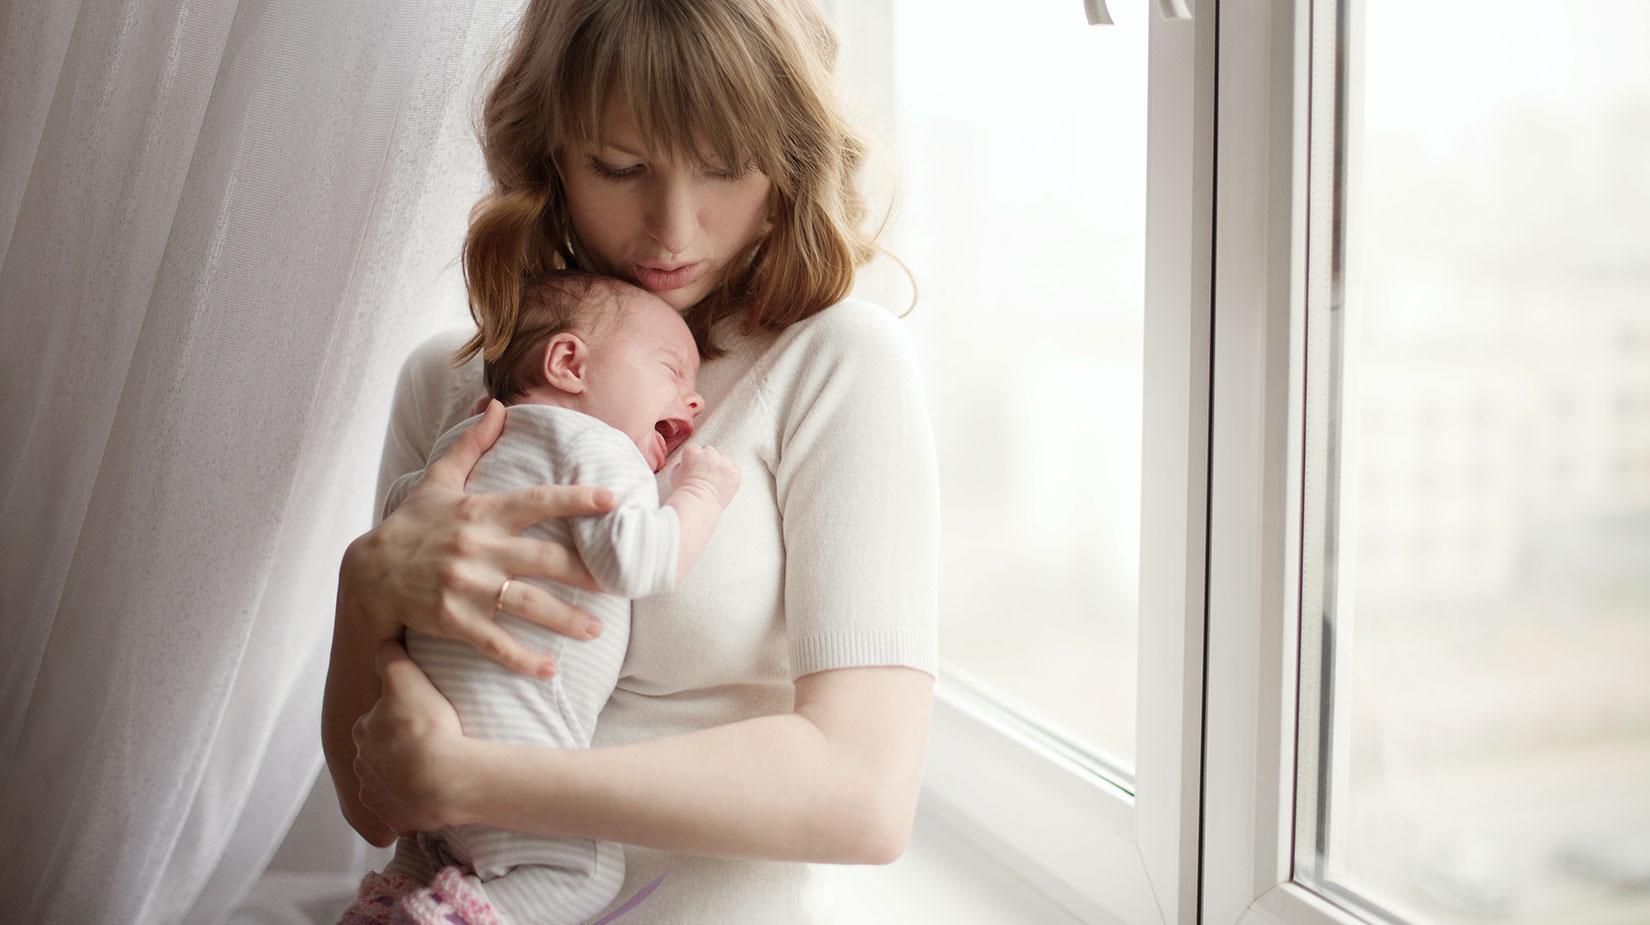 Doğum sonrası güzelleşmek için